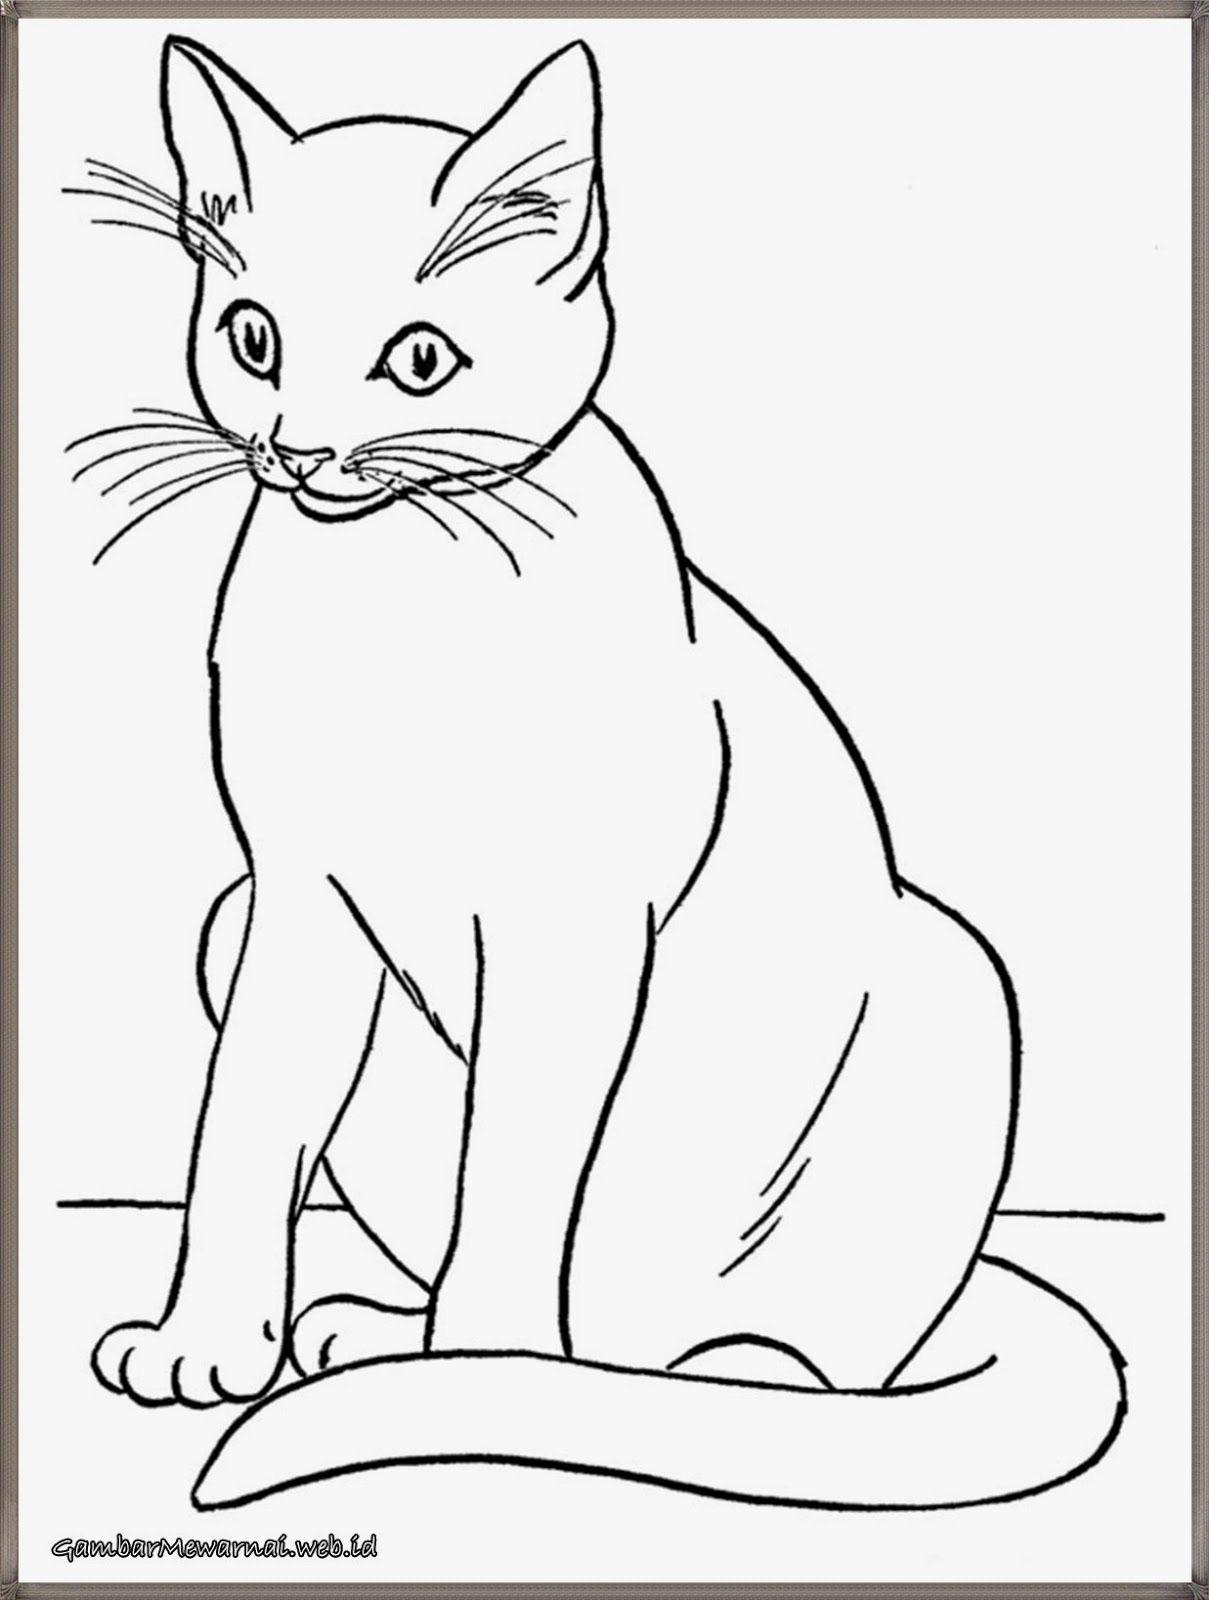 Gambar Kucing Sketsa : gambar, kucing, sketsa, Gambar, Mewarnai:, Mewarnai, Kucing, GambarMewarnai.Web.Id, Hewan,, Sketsa, Menggambar